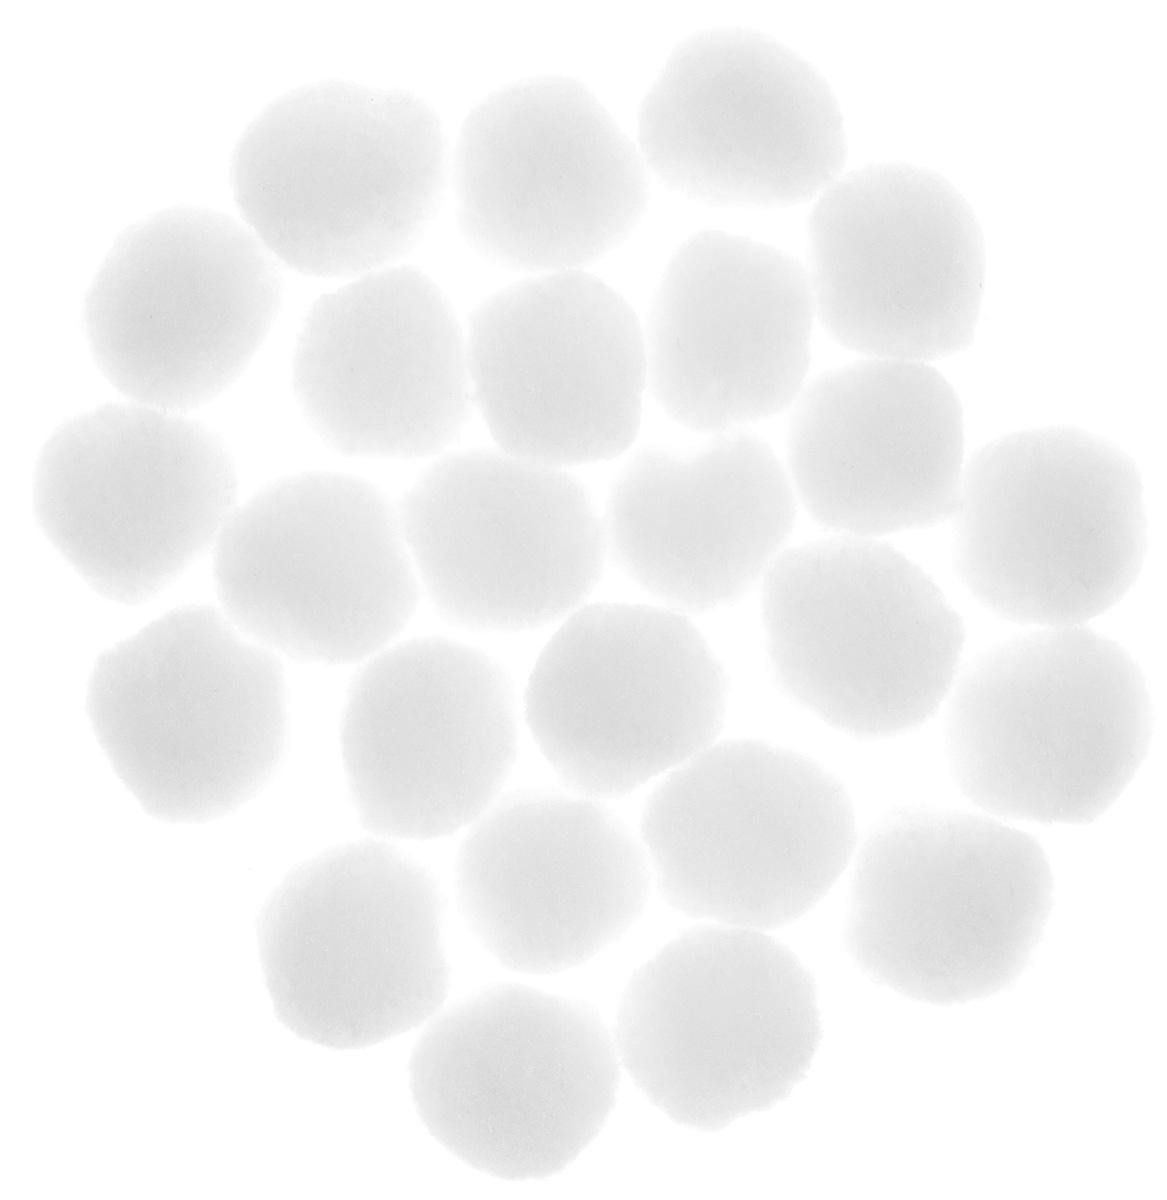 Декоративное украшение Lunten Ranta Снежки, диаметр 3 см, 25 шт67794Декоративные украшения Lunten Ranta Снежки отлично подойдут для декорации вашего дома в преддверии Нового года. В наборе - 25 украшений, выполненных из полиэстера в виде маленьких комочков снега. Создайте в своем доме атмосферу веселья и радости, оформляя всей семьей комнату украшениями, которые будут из года в год накапливать теплоту воспоминаний.